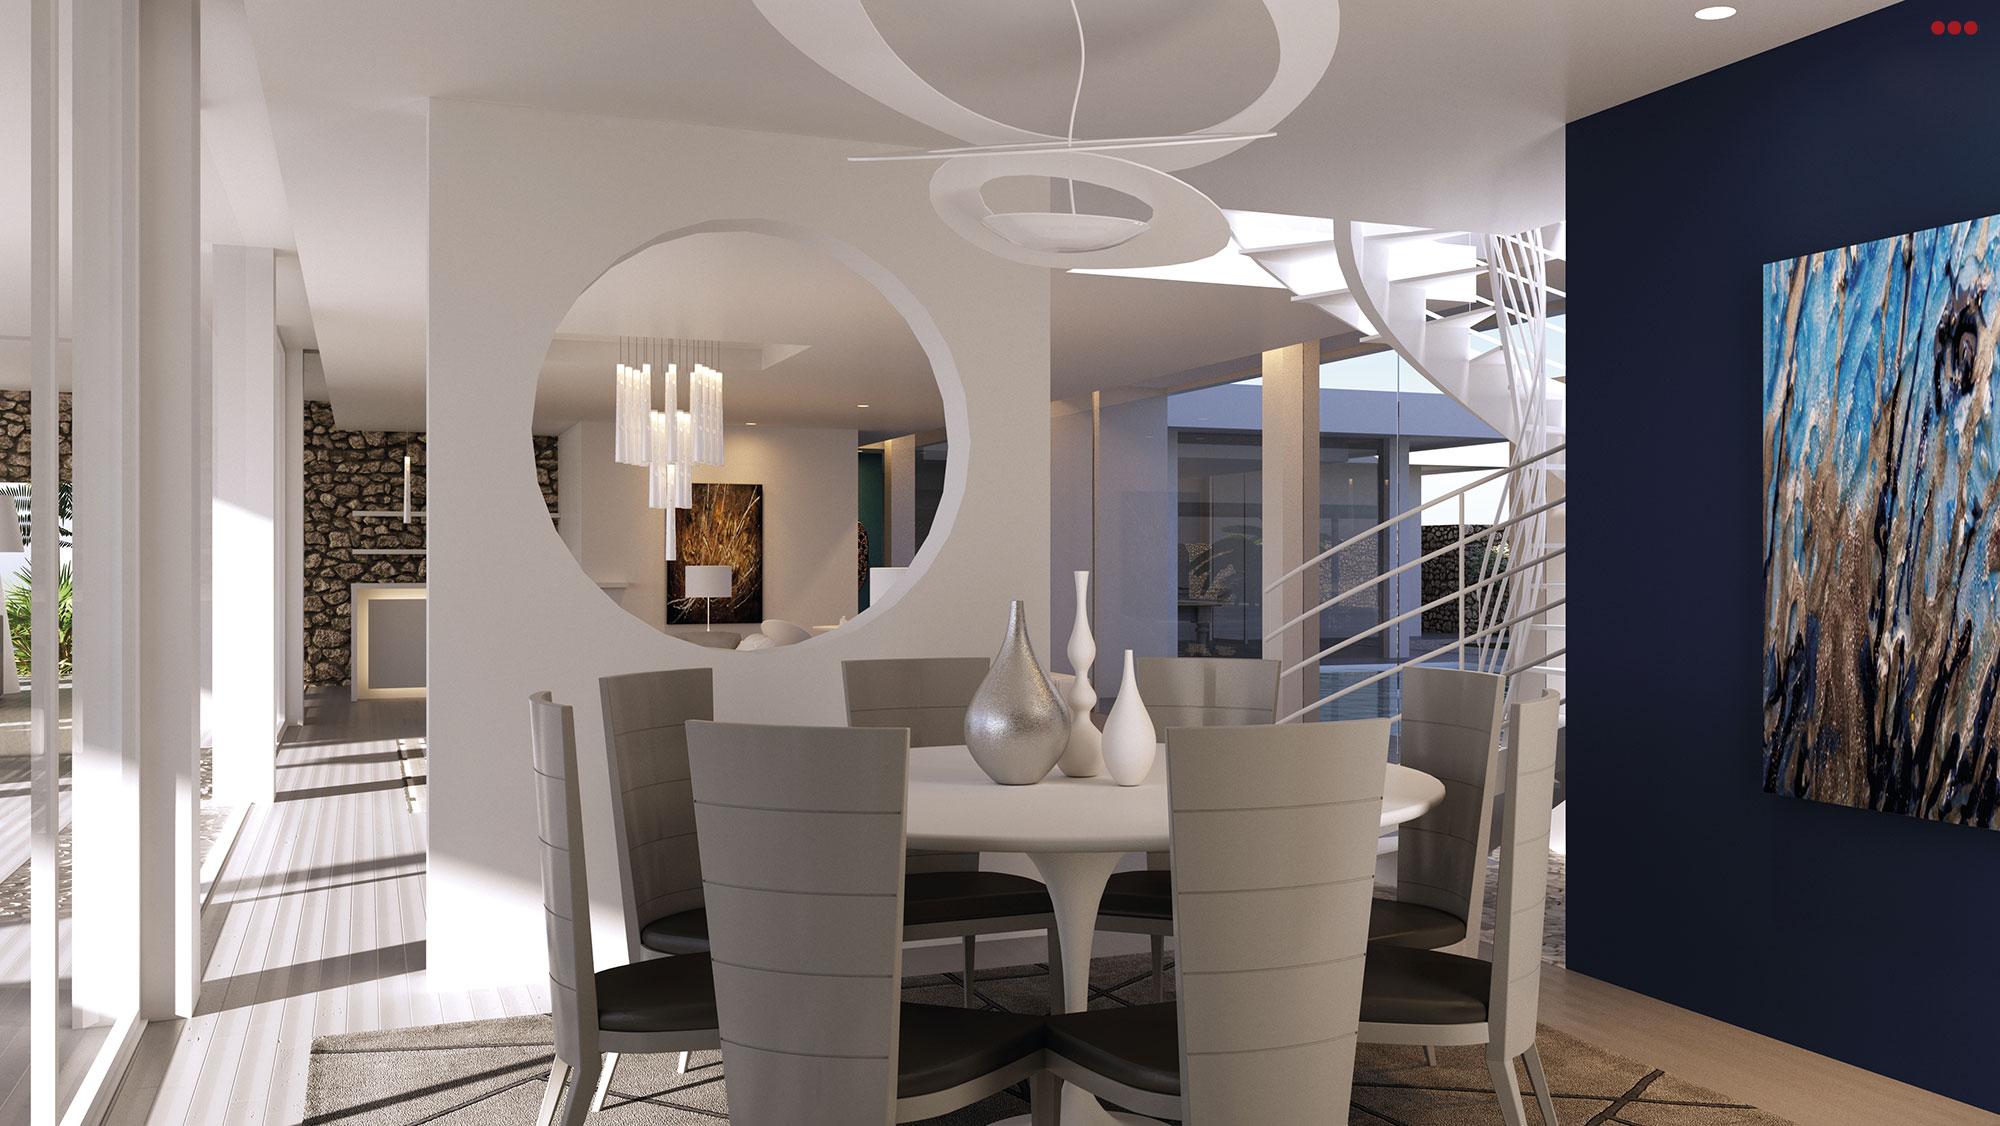 3D Studio Bartolini Villa Pemba progettazione rendering architettura grafica 7